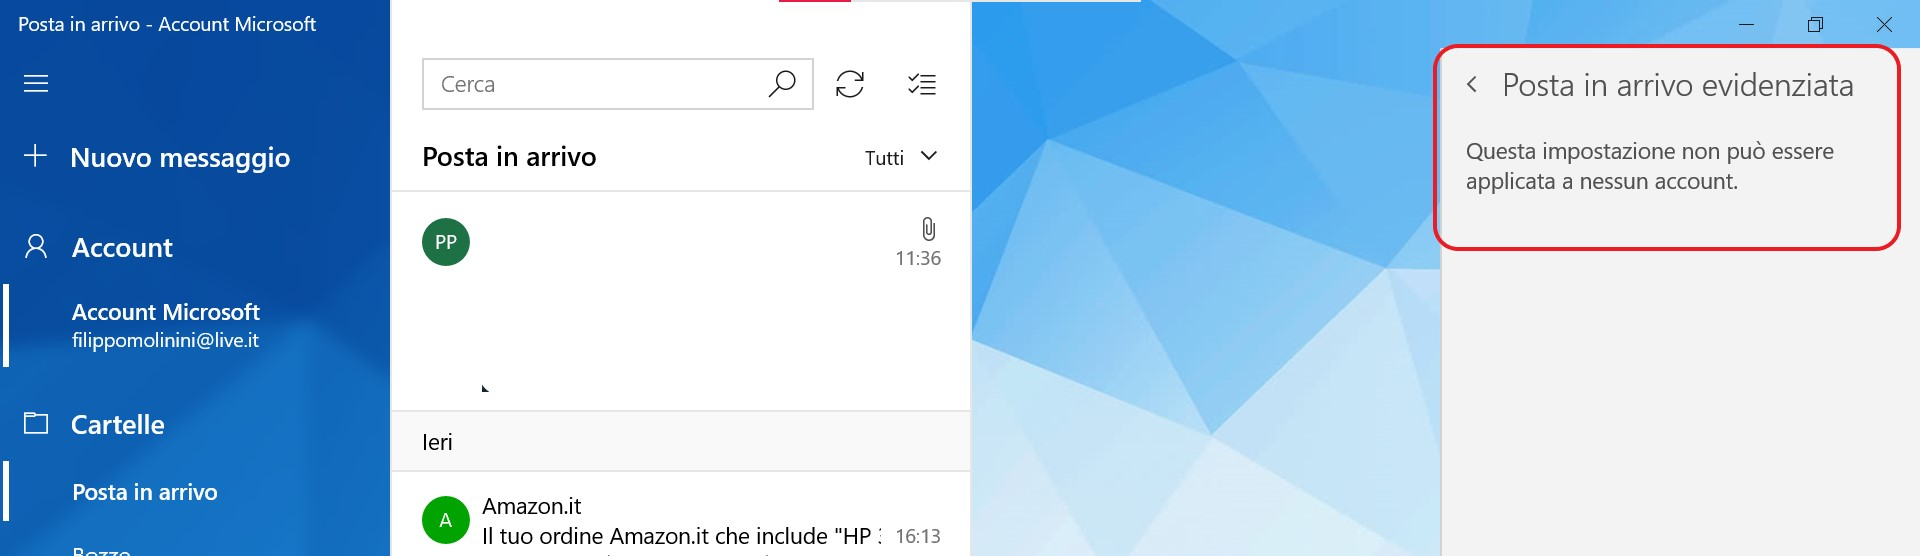 Posta e Calendario per Windows addio opzione posta in arrivo evidenziata